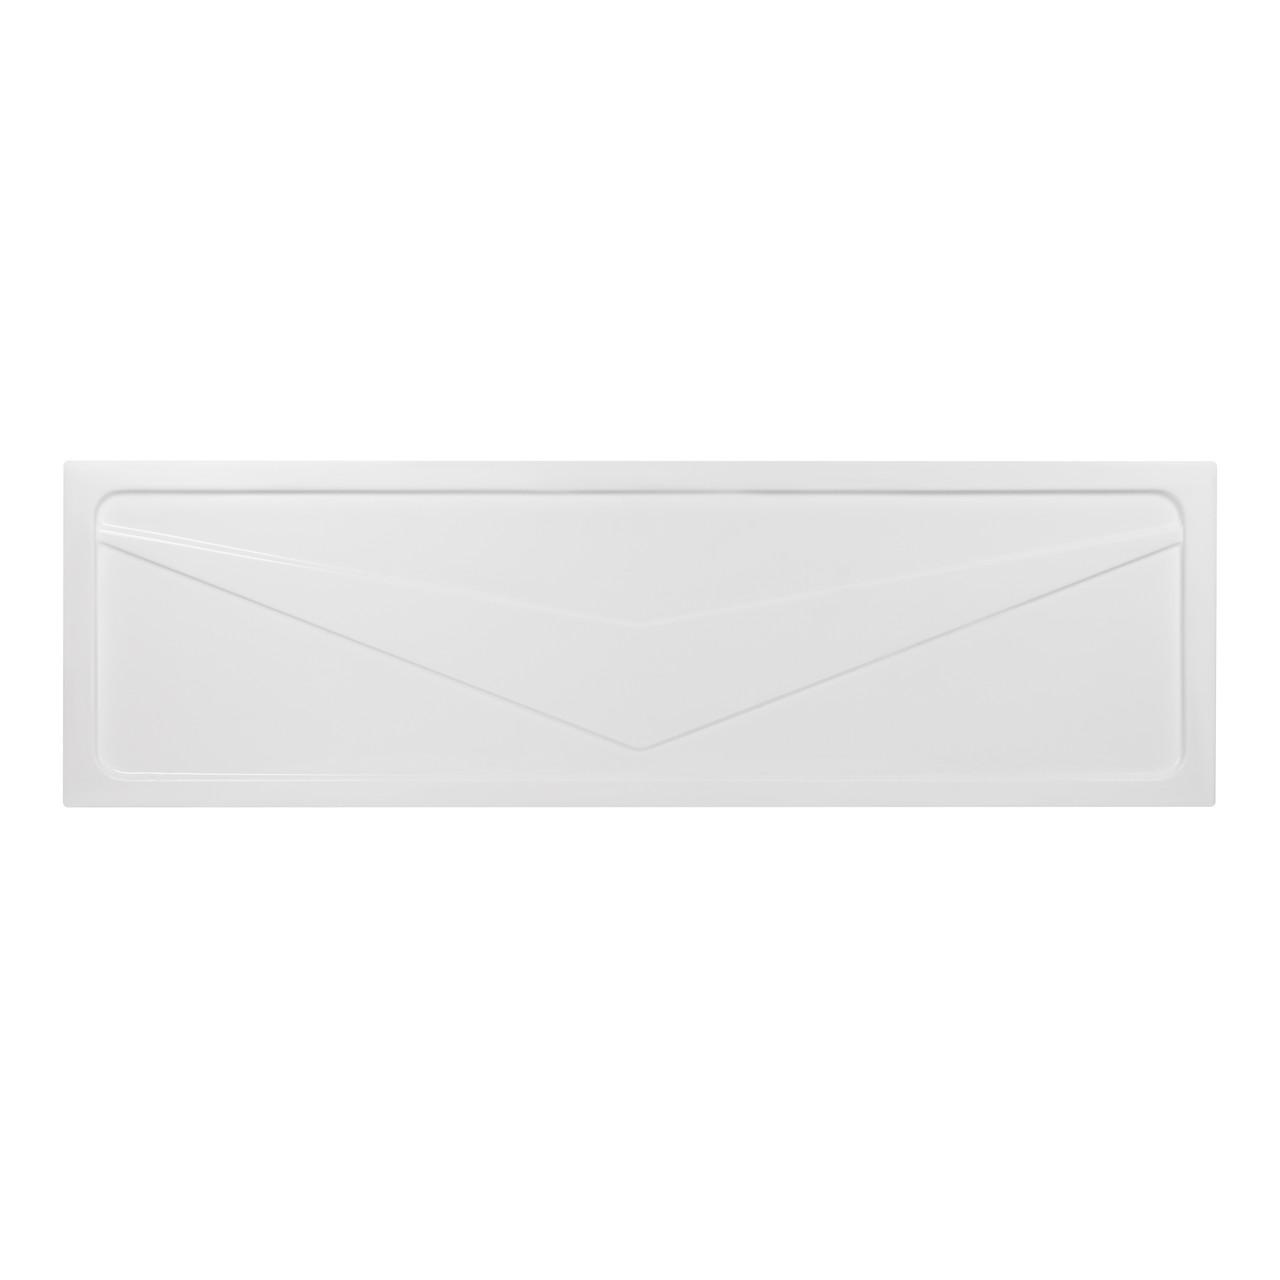 Панель для прямокутної ванни фронтальна Lidz Panel R 160 160 см